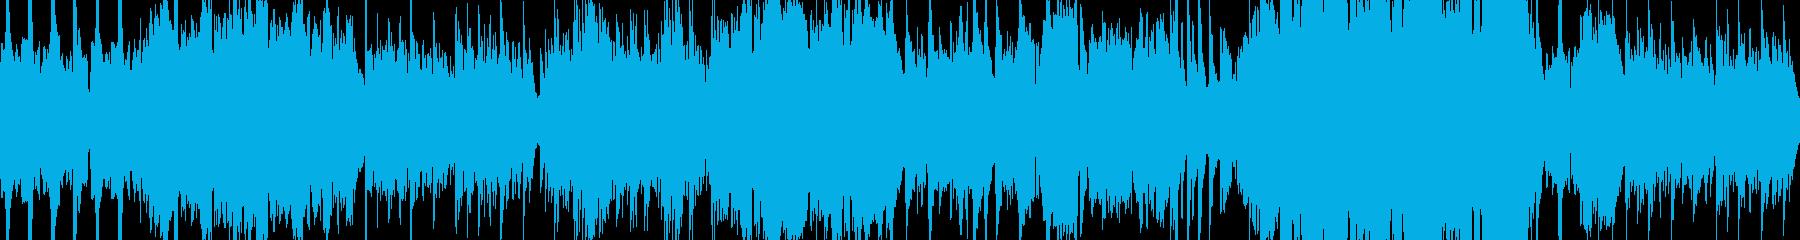 ピアノと尺八の穏やかな和風バラードループの再生済みの波形